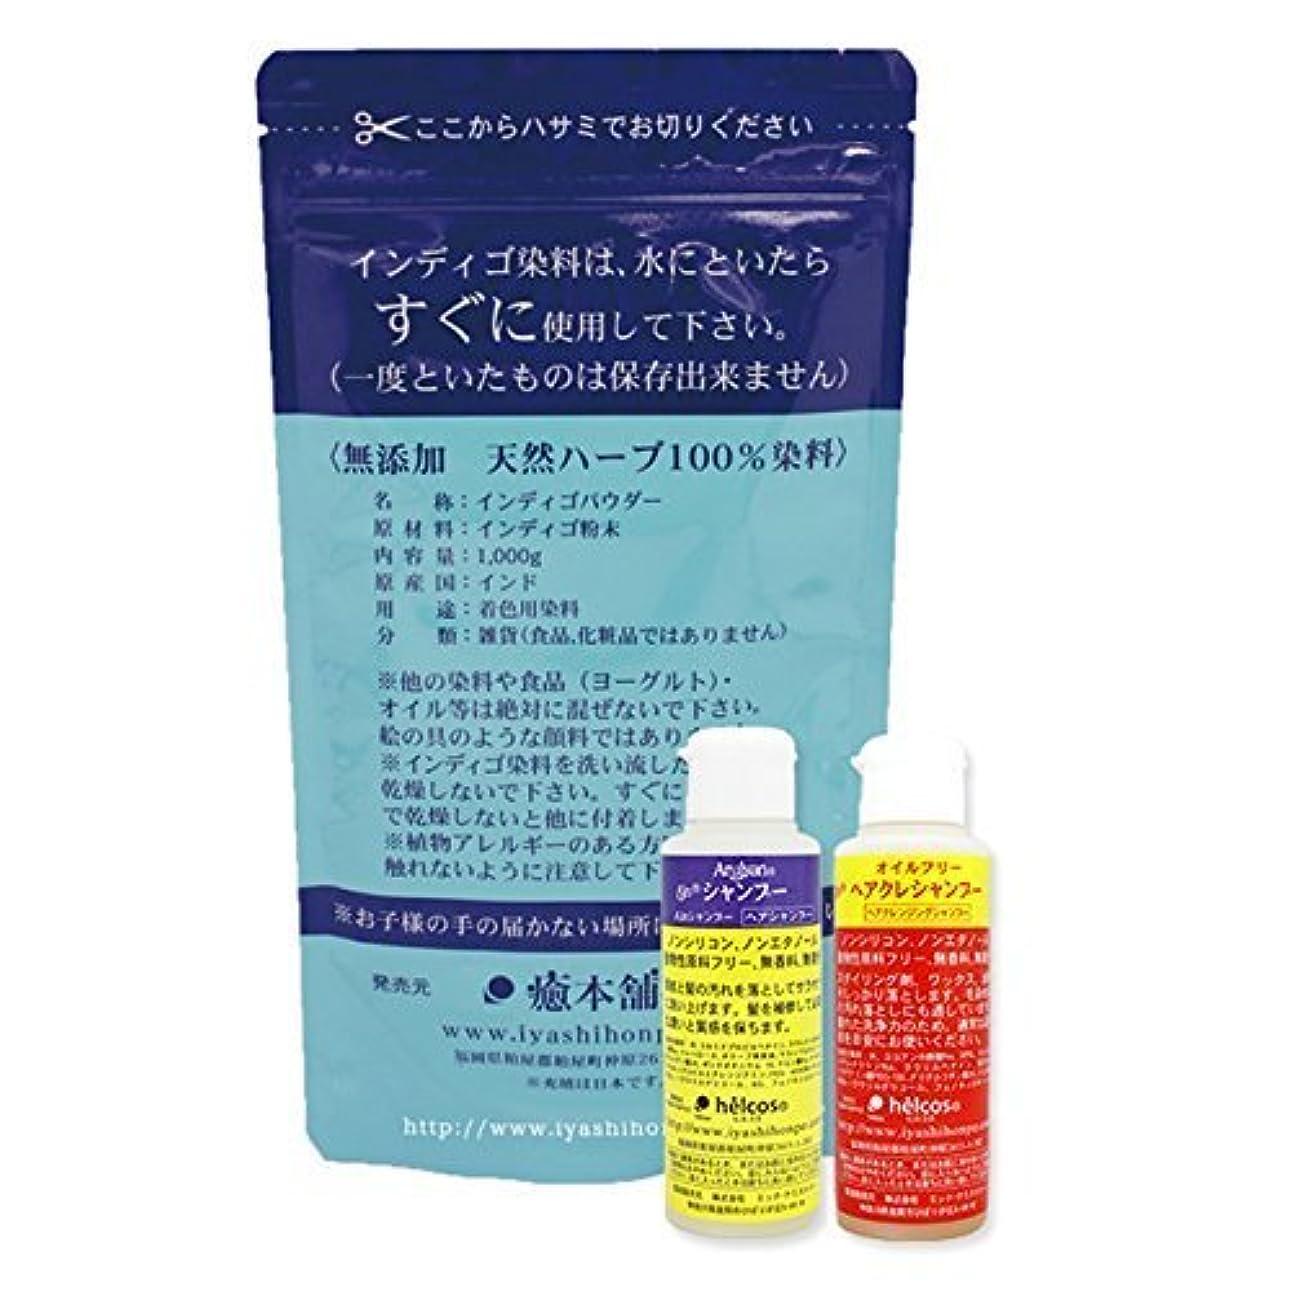 ノート子供っぽい悪い白髪染め インディゴ(天然染料100%) 1kg+シャンプー2種セット 癒本舗